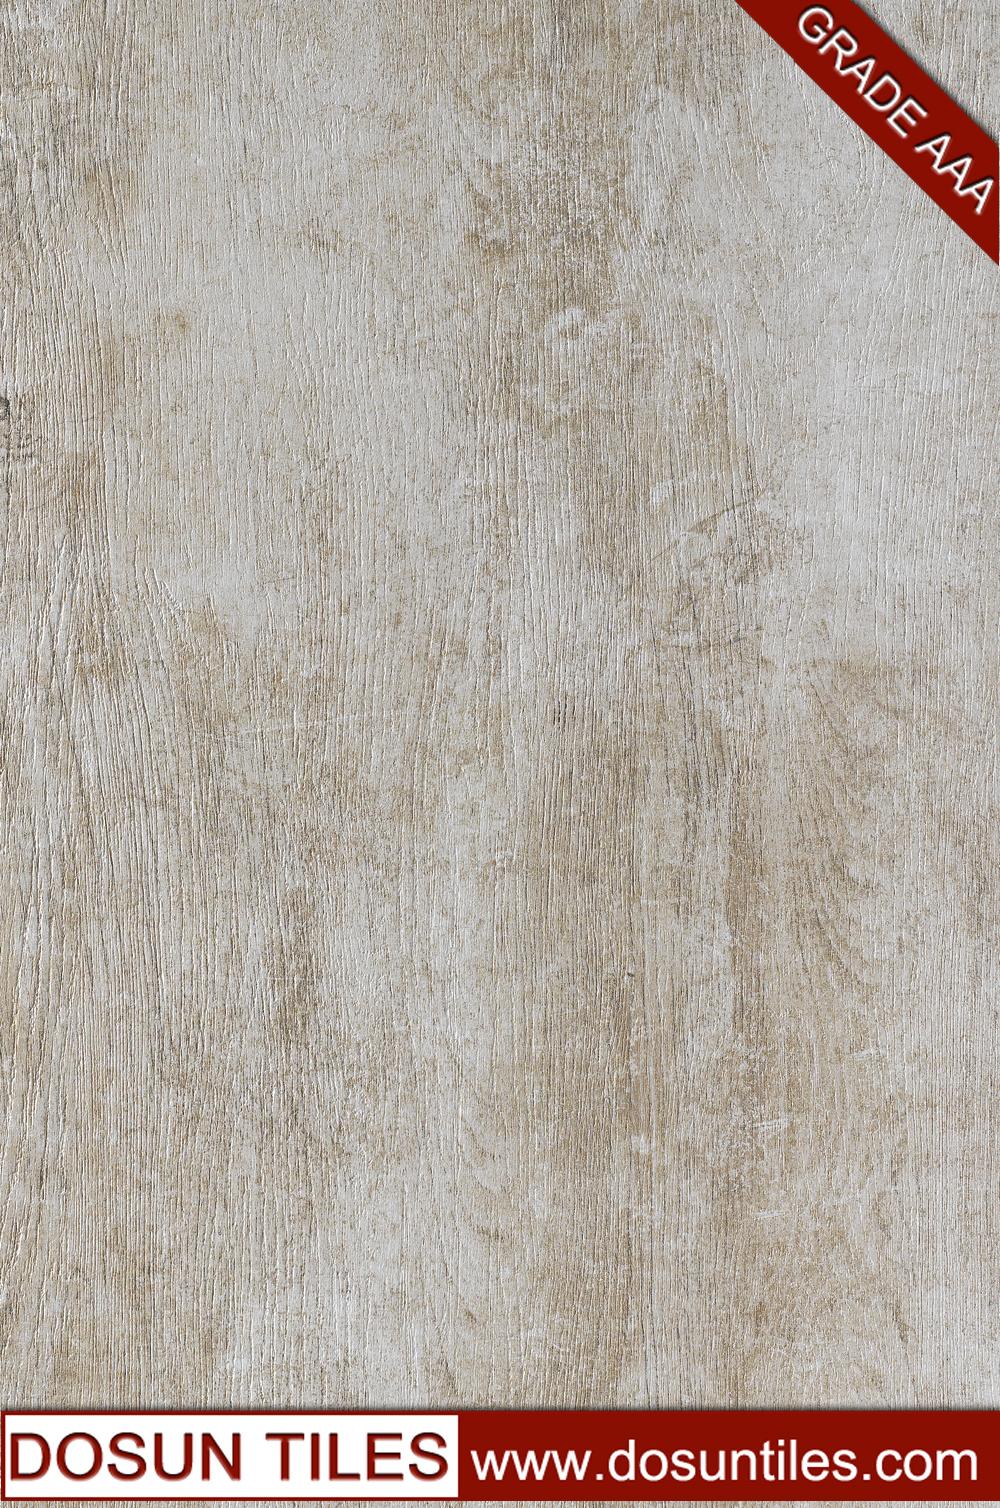 나무 질감 스타일, dlw960862 3 차원 잉크젯 디자인 도자기 타일 ...